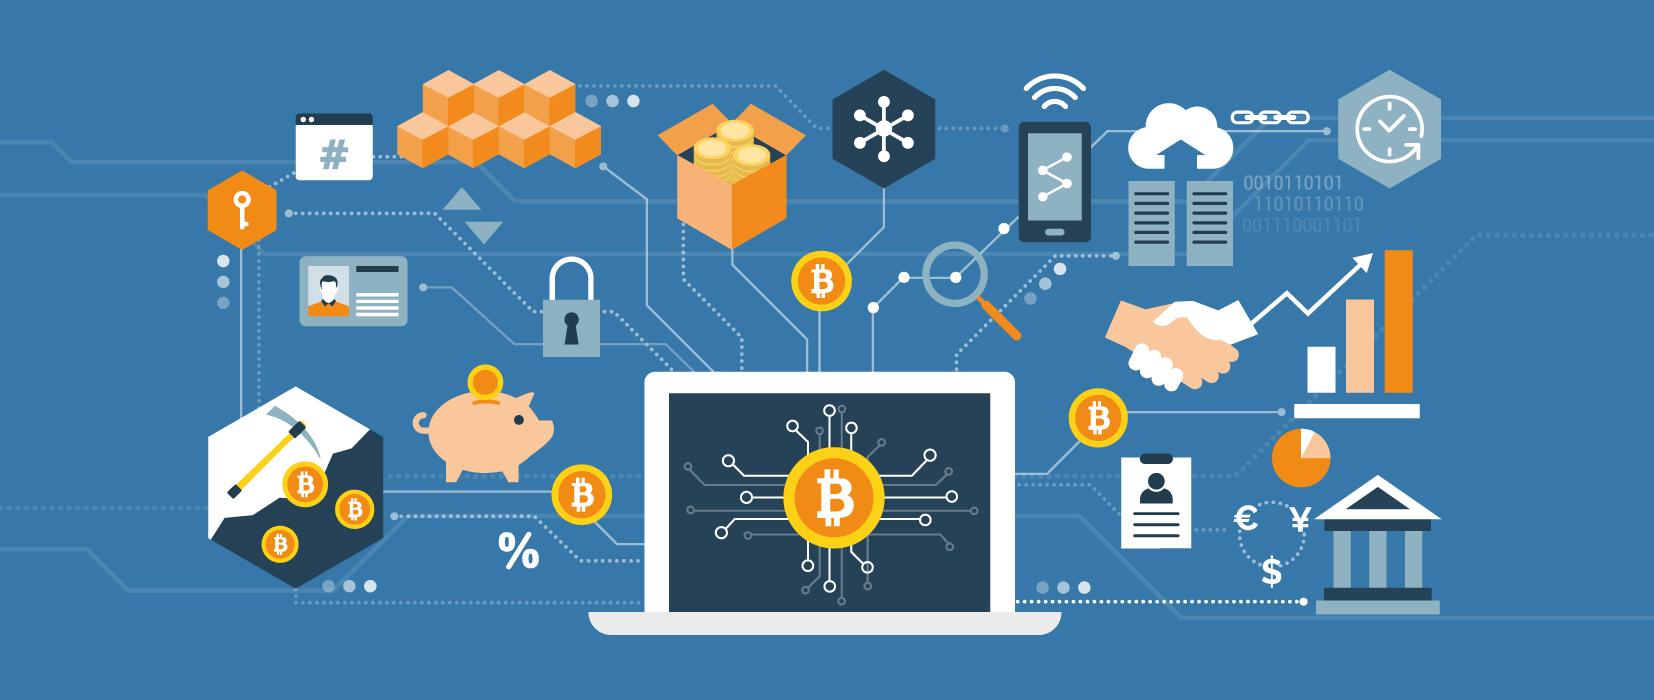 Kryptowährung Bitcoin in der Praxis